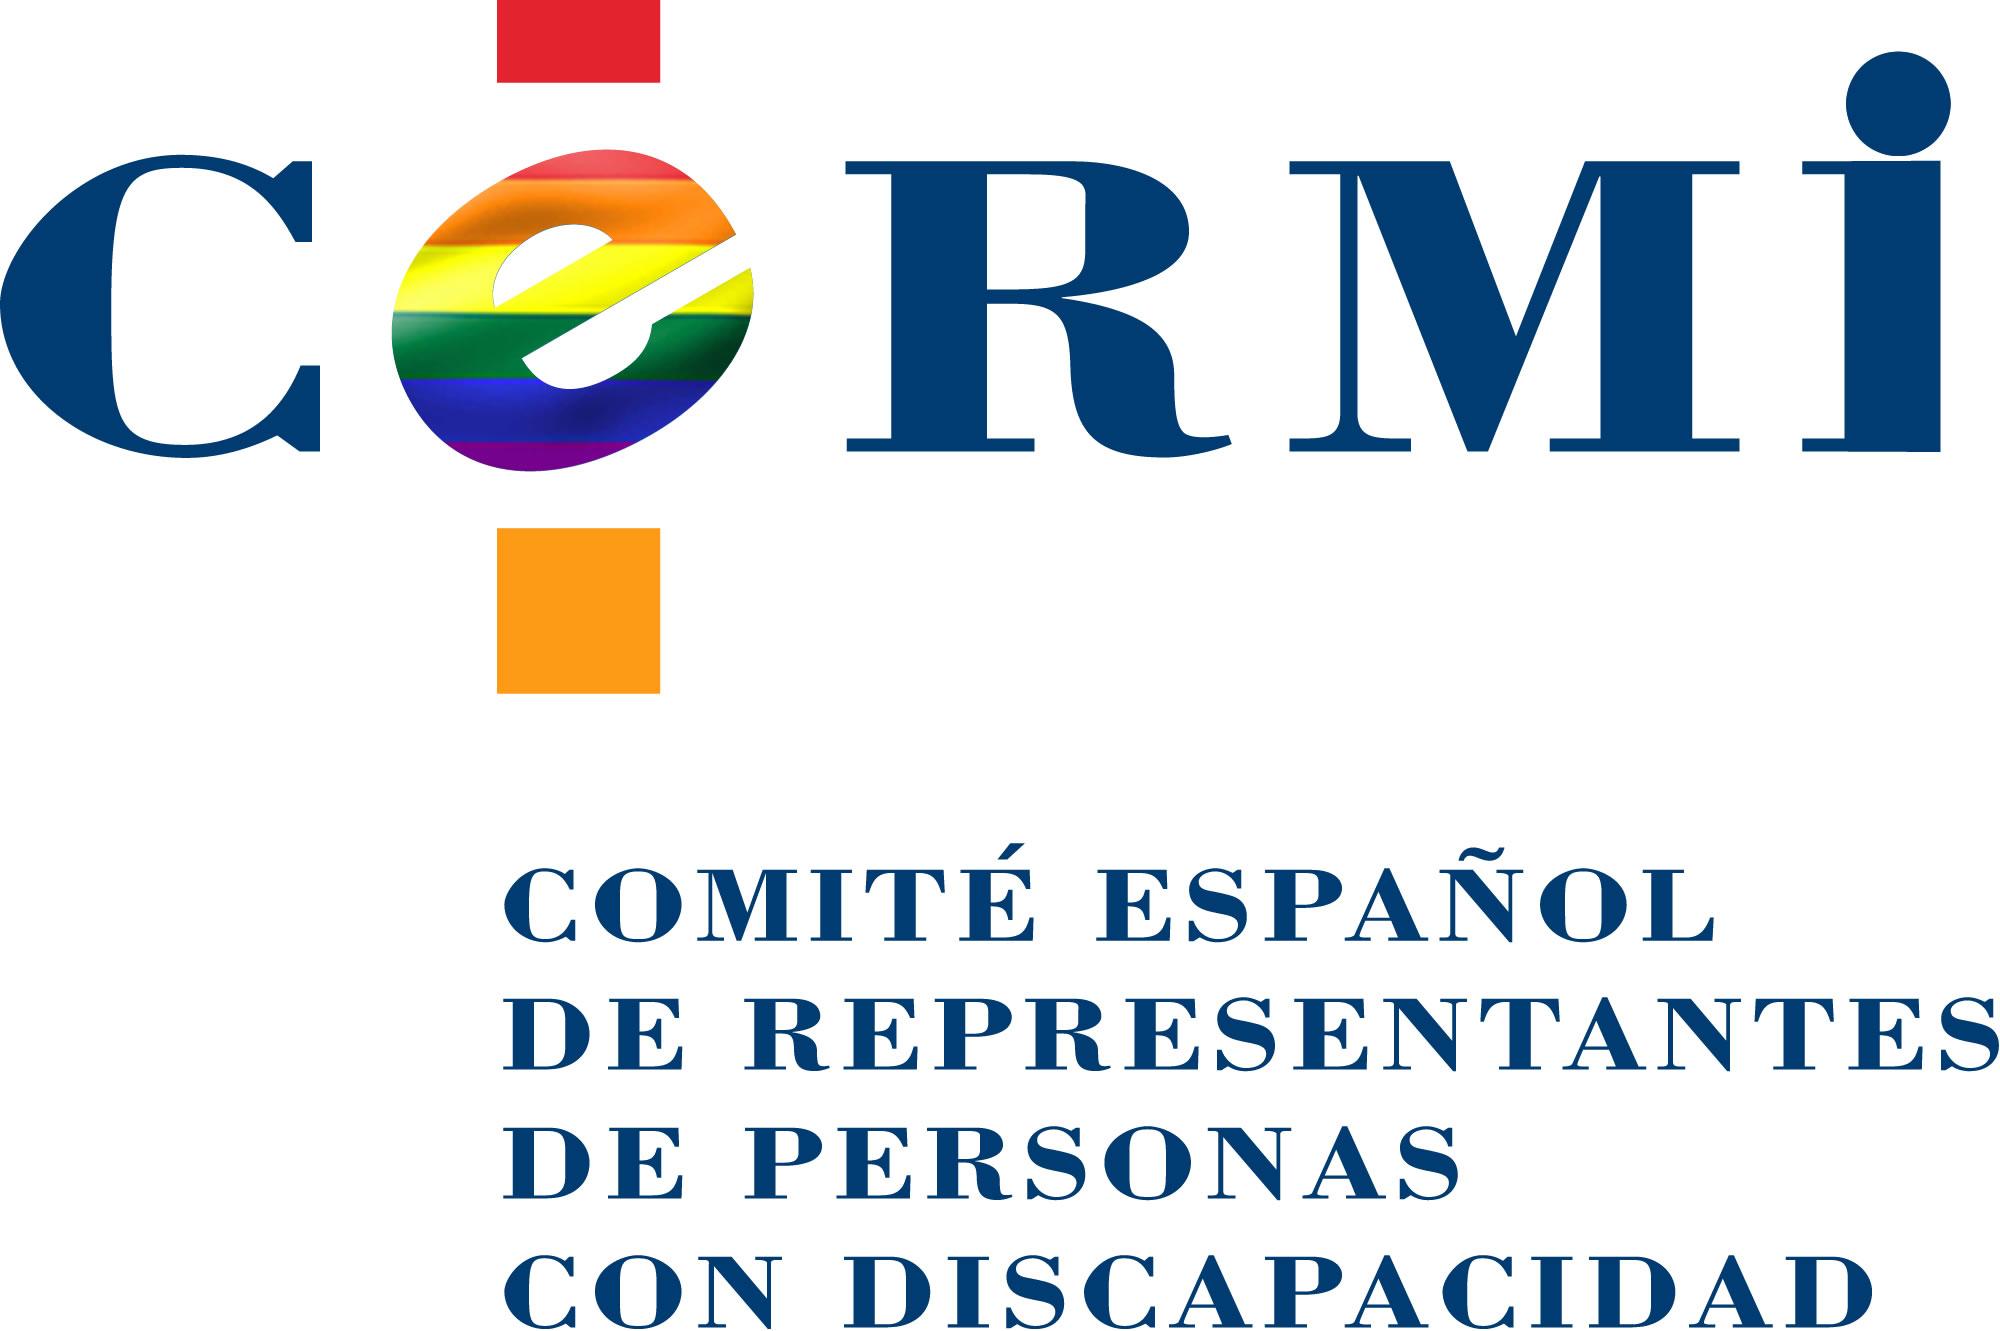 Logotipo del CERMI conmemorando el día del orgullo